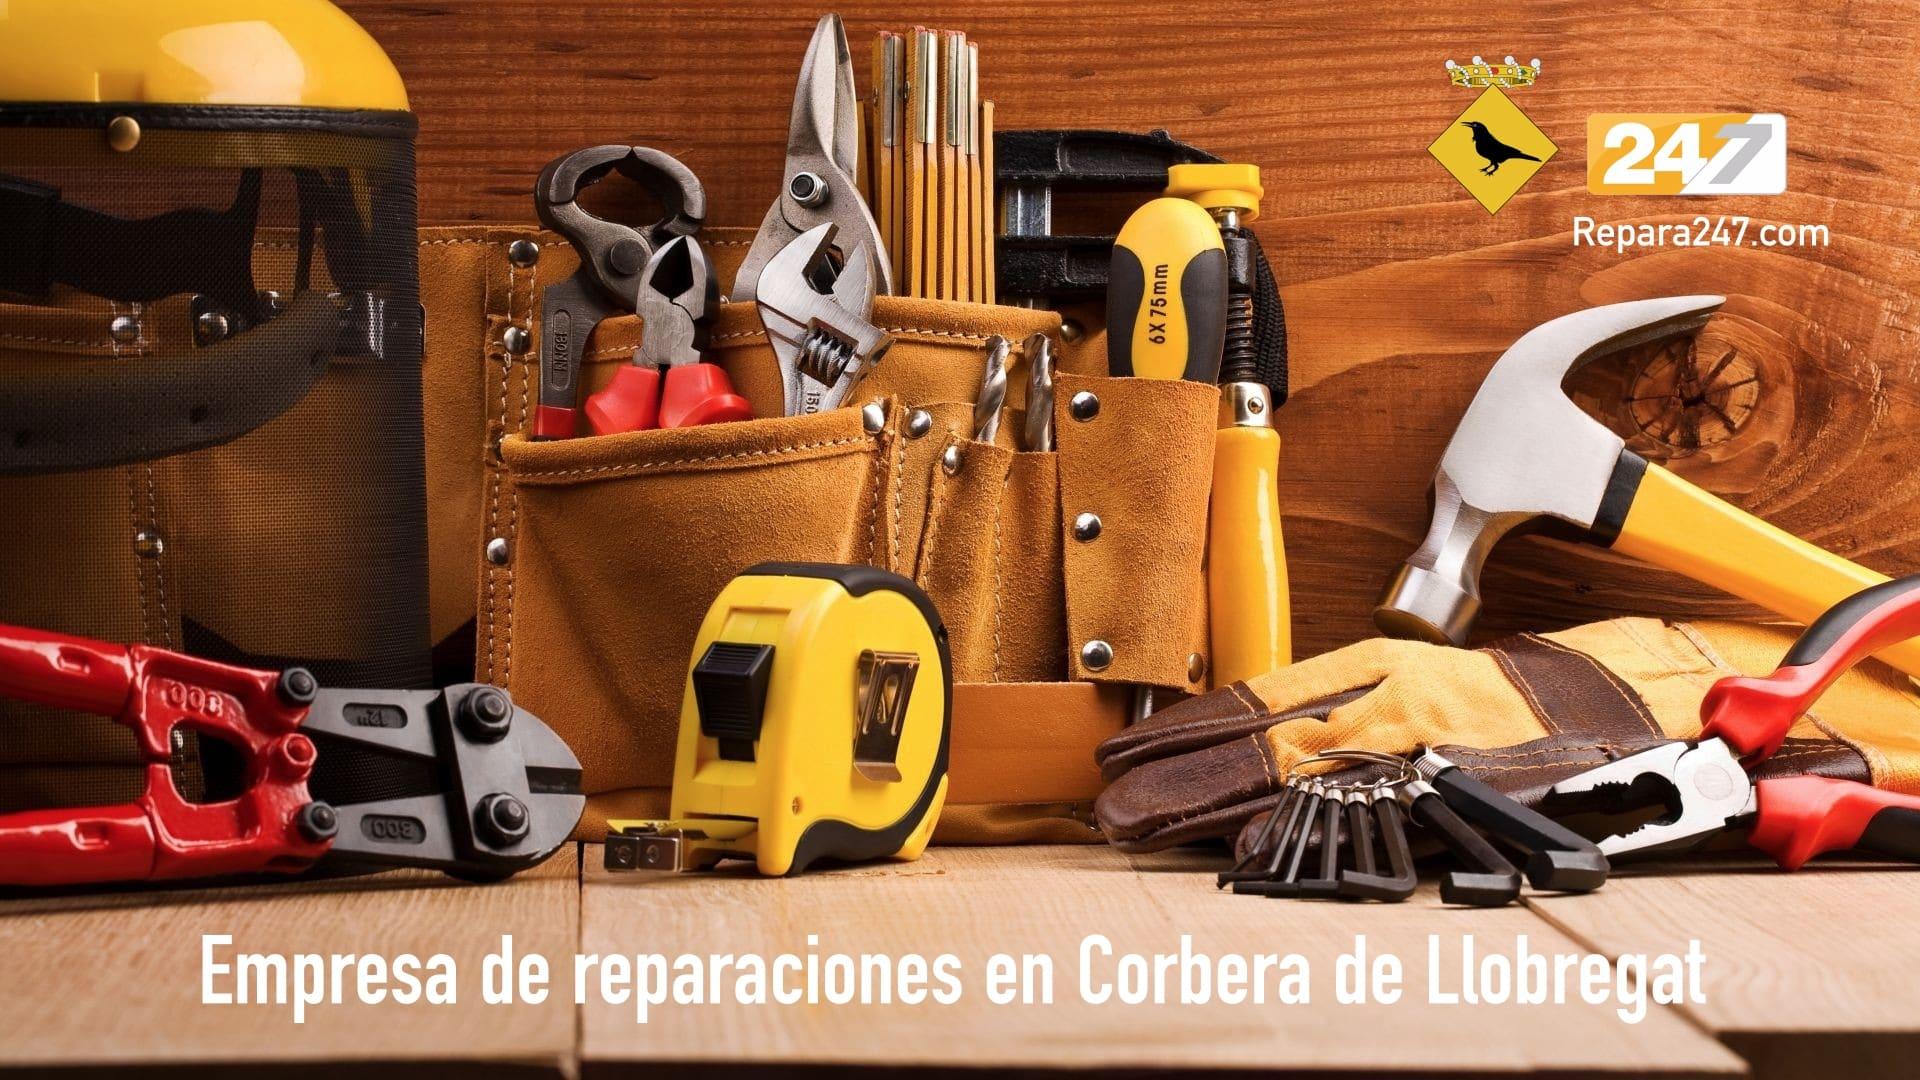 Empresa de reparaciones en Corbera de Llobregat